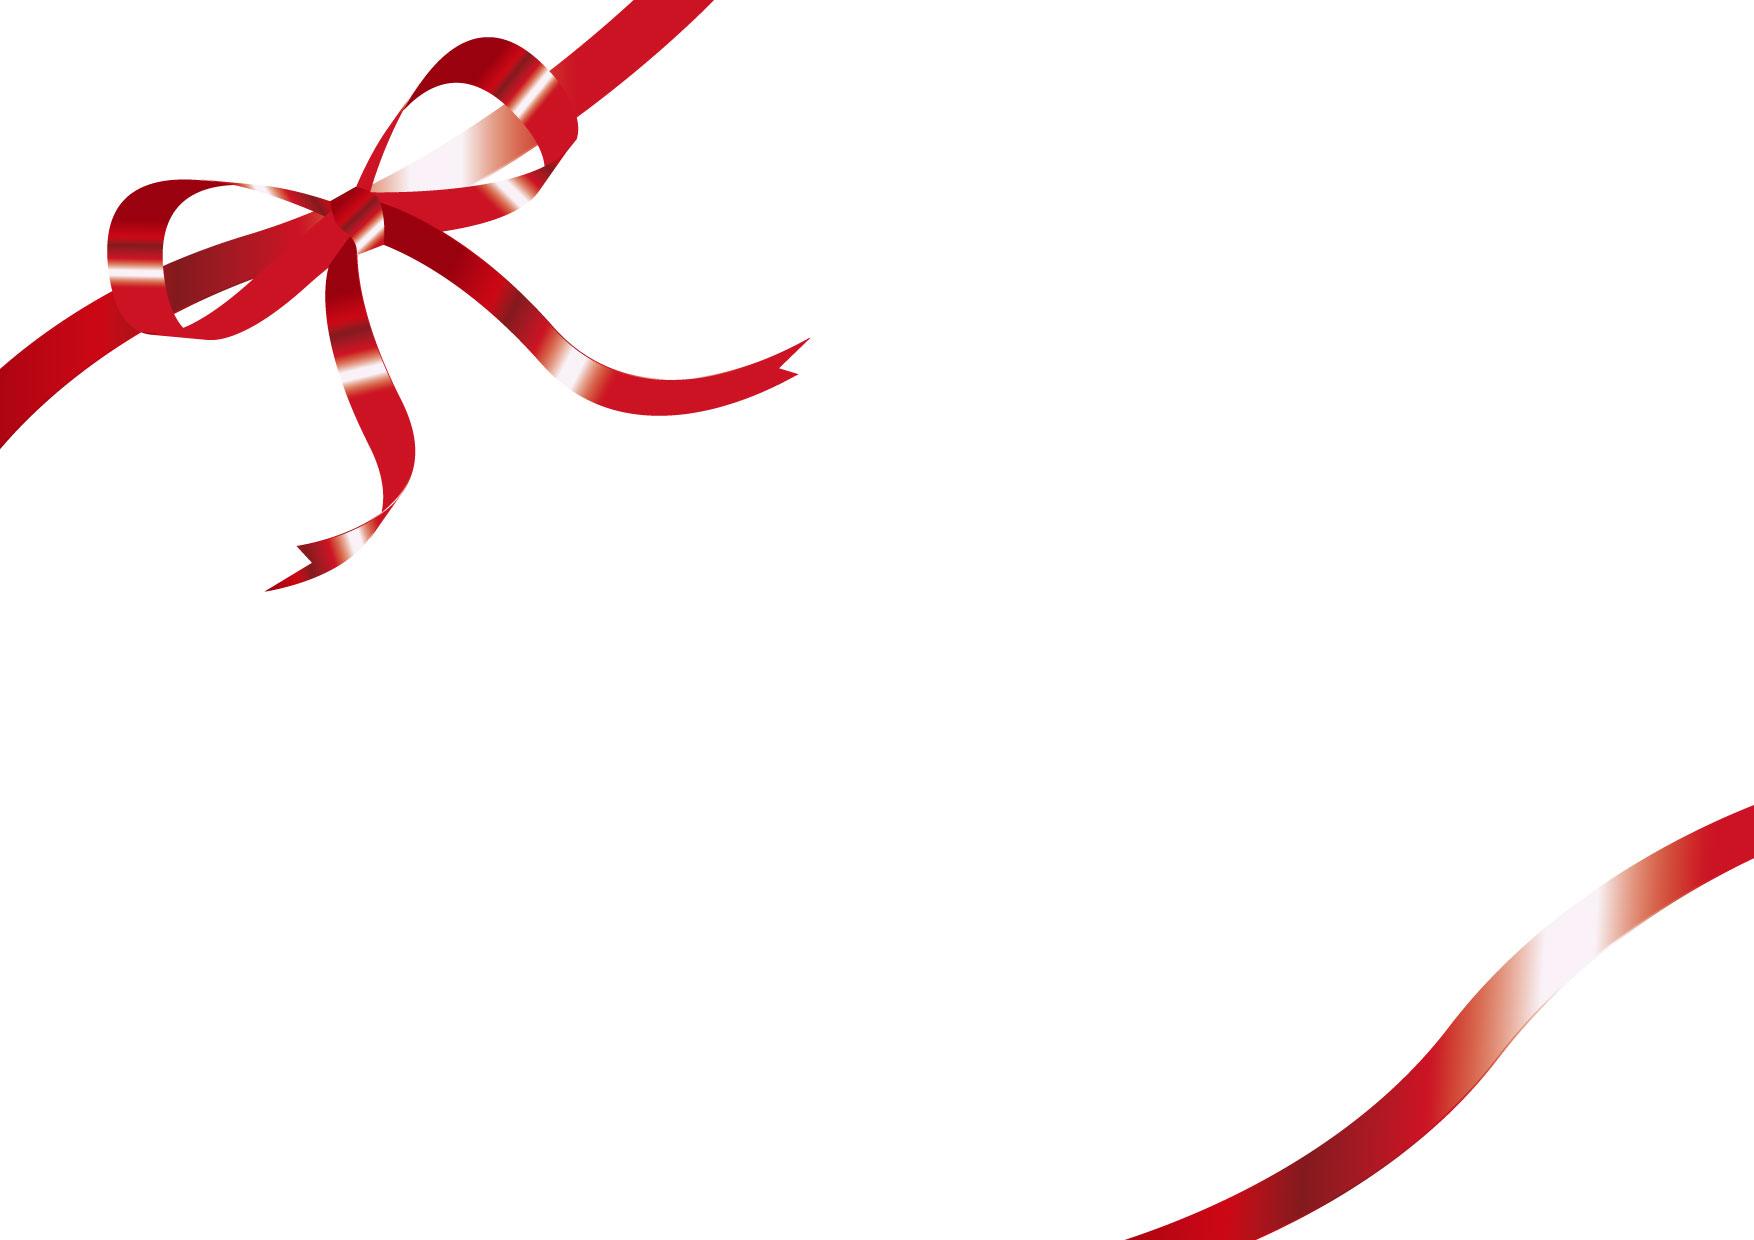 可愛いイラスト無料|リボン 赤 背景 − free illustration Ribbon red background